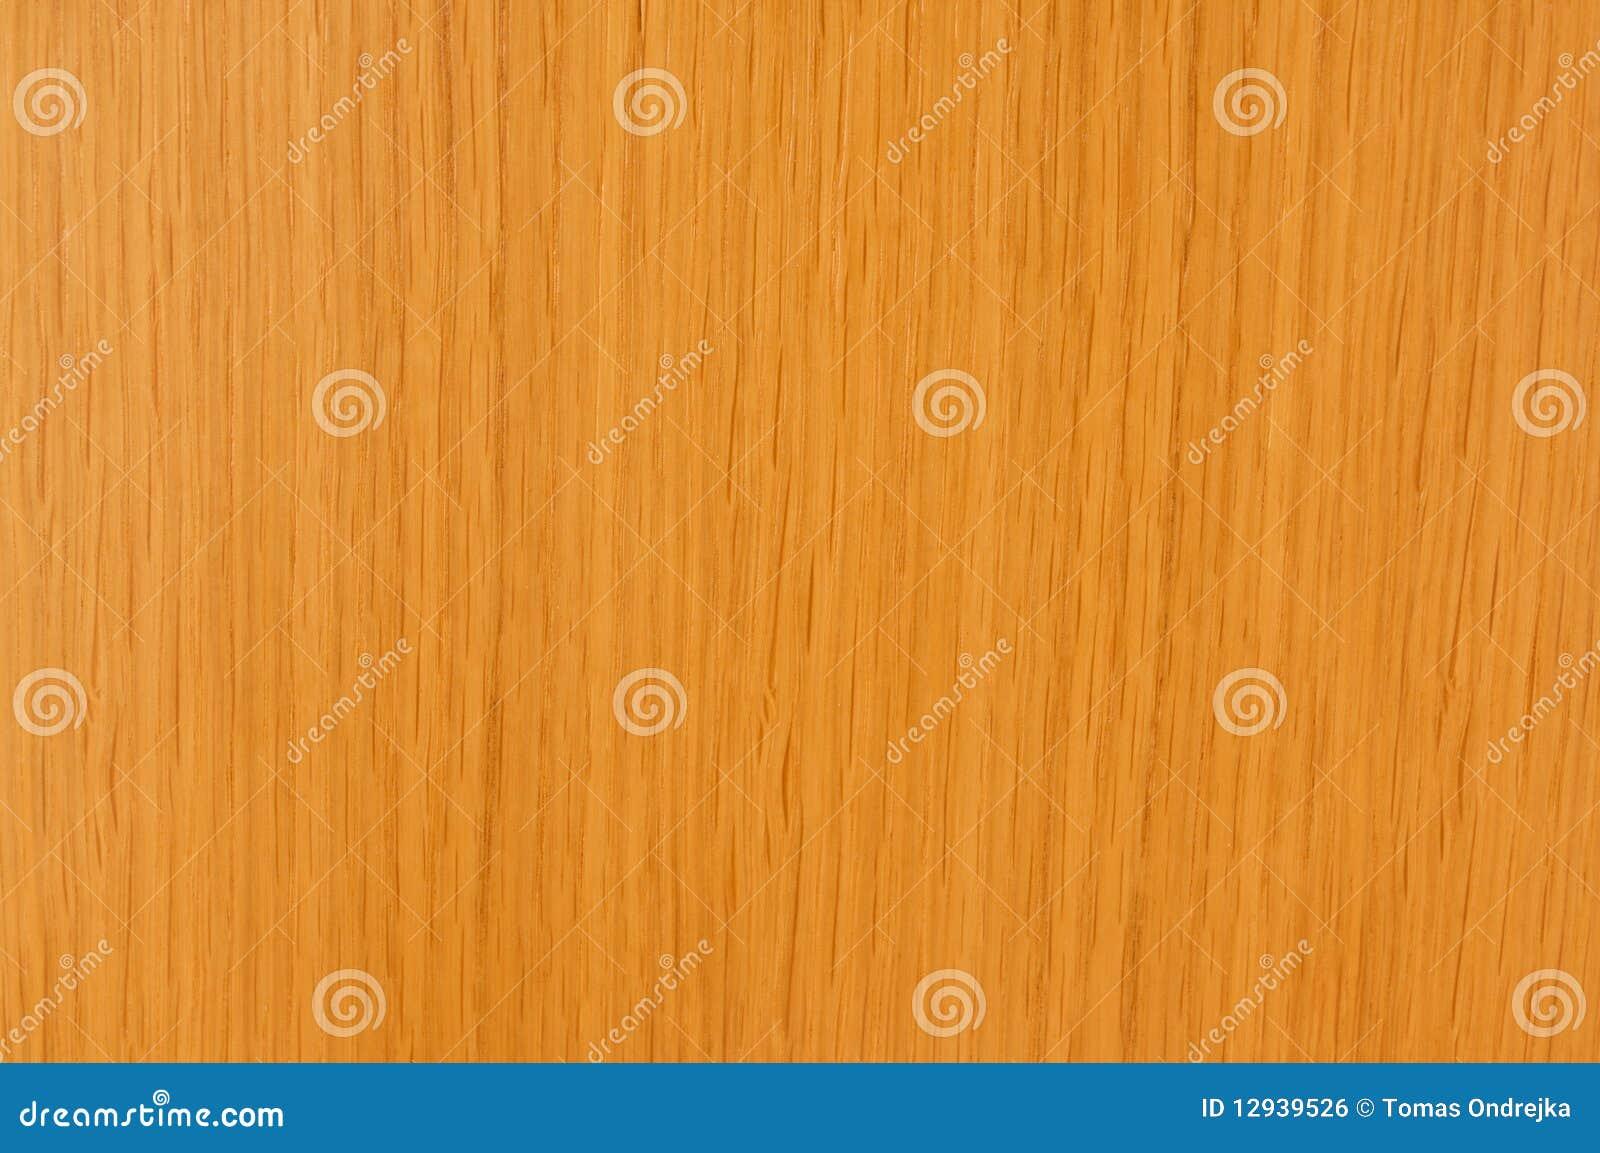 wood background royalty free - photo #24